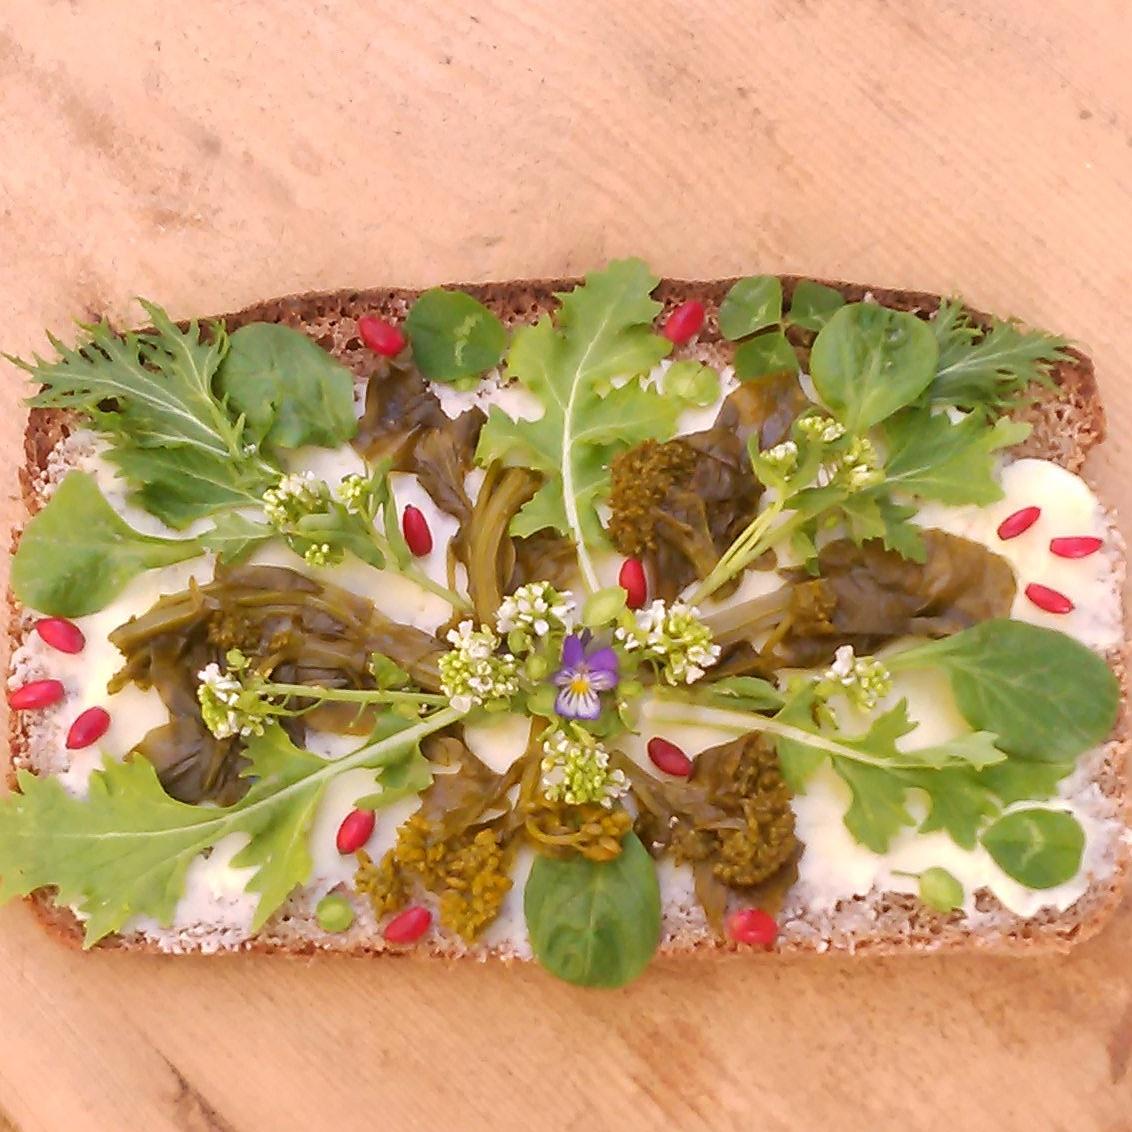 Fortiden møter nåtiden på dagens surdeigsspelt brødskive. Melkesyregjæret vinterkarse fra 2014 ! Nyhøstet namenia, ruccola og tatsoi salat,berberis bær, pengeurt, gjetertaske, kløverblader og en nattogdag blomst